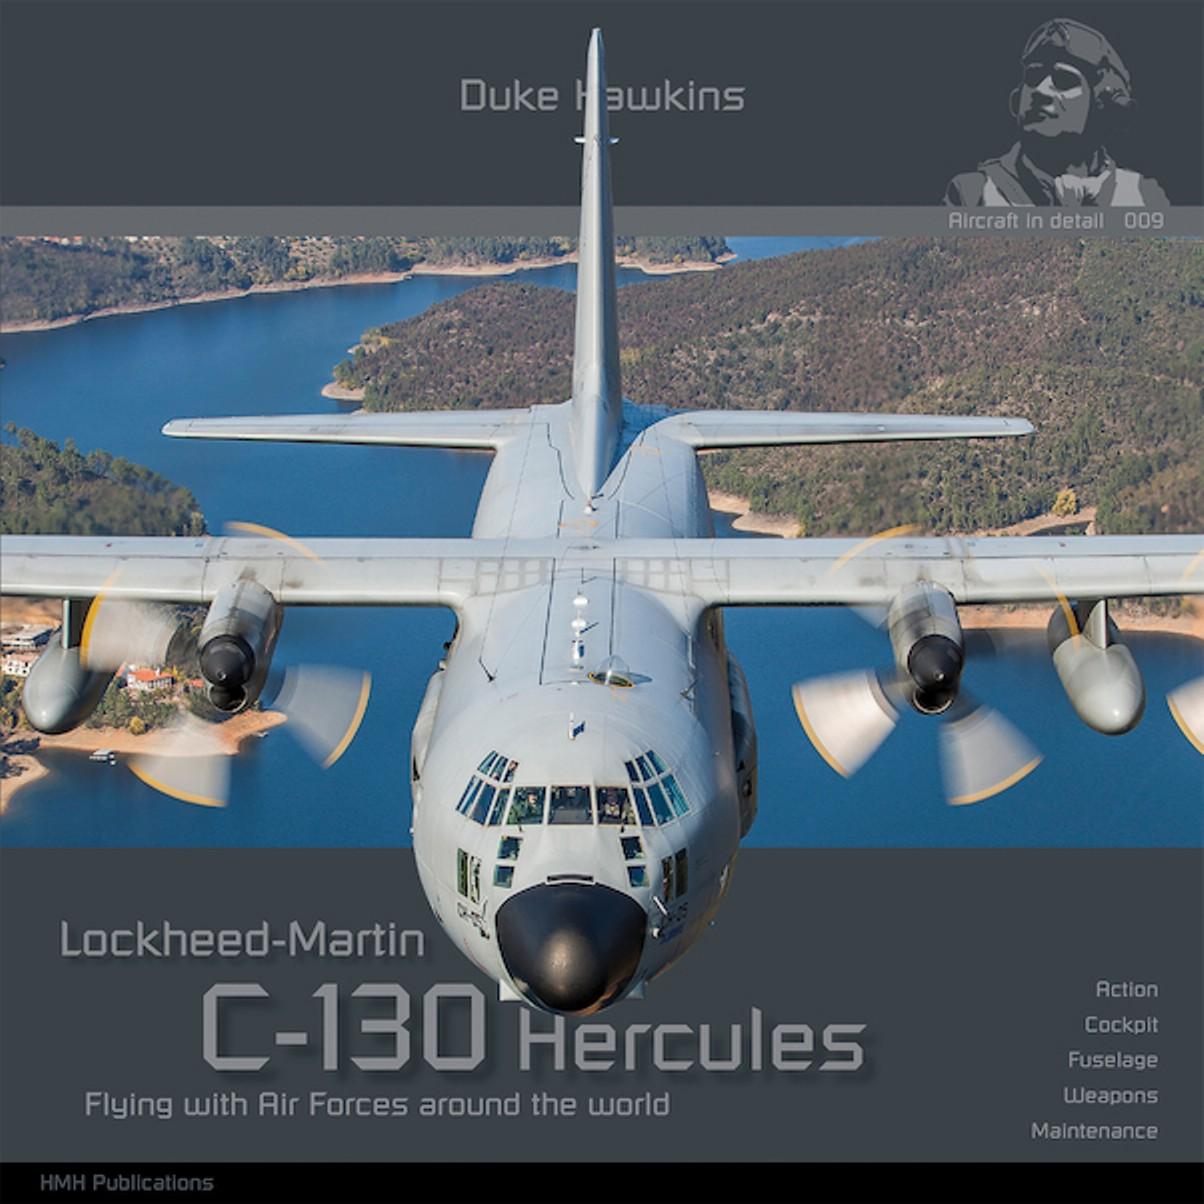 Duke Hawkins09: Lockheed-Martin C-130 Hercules